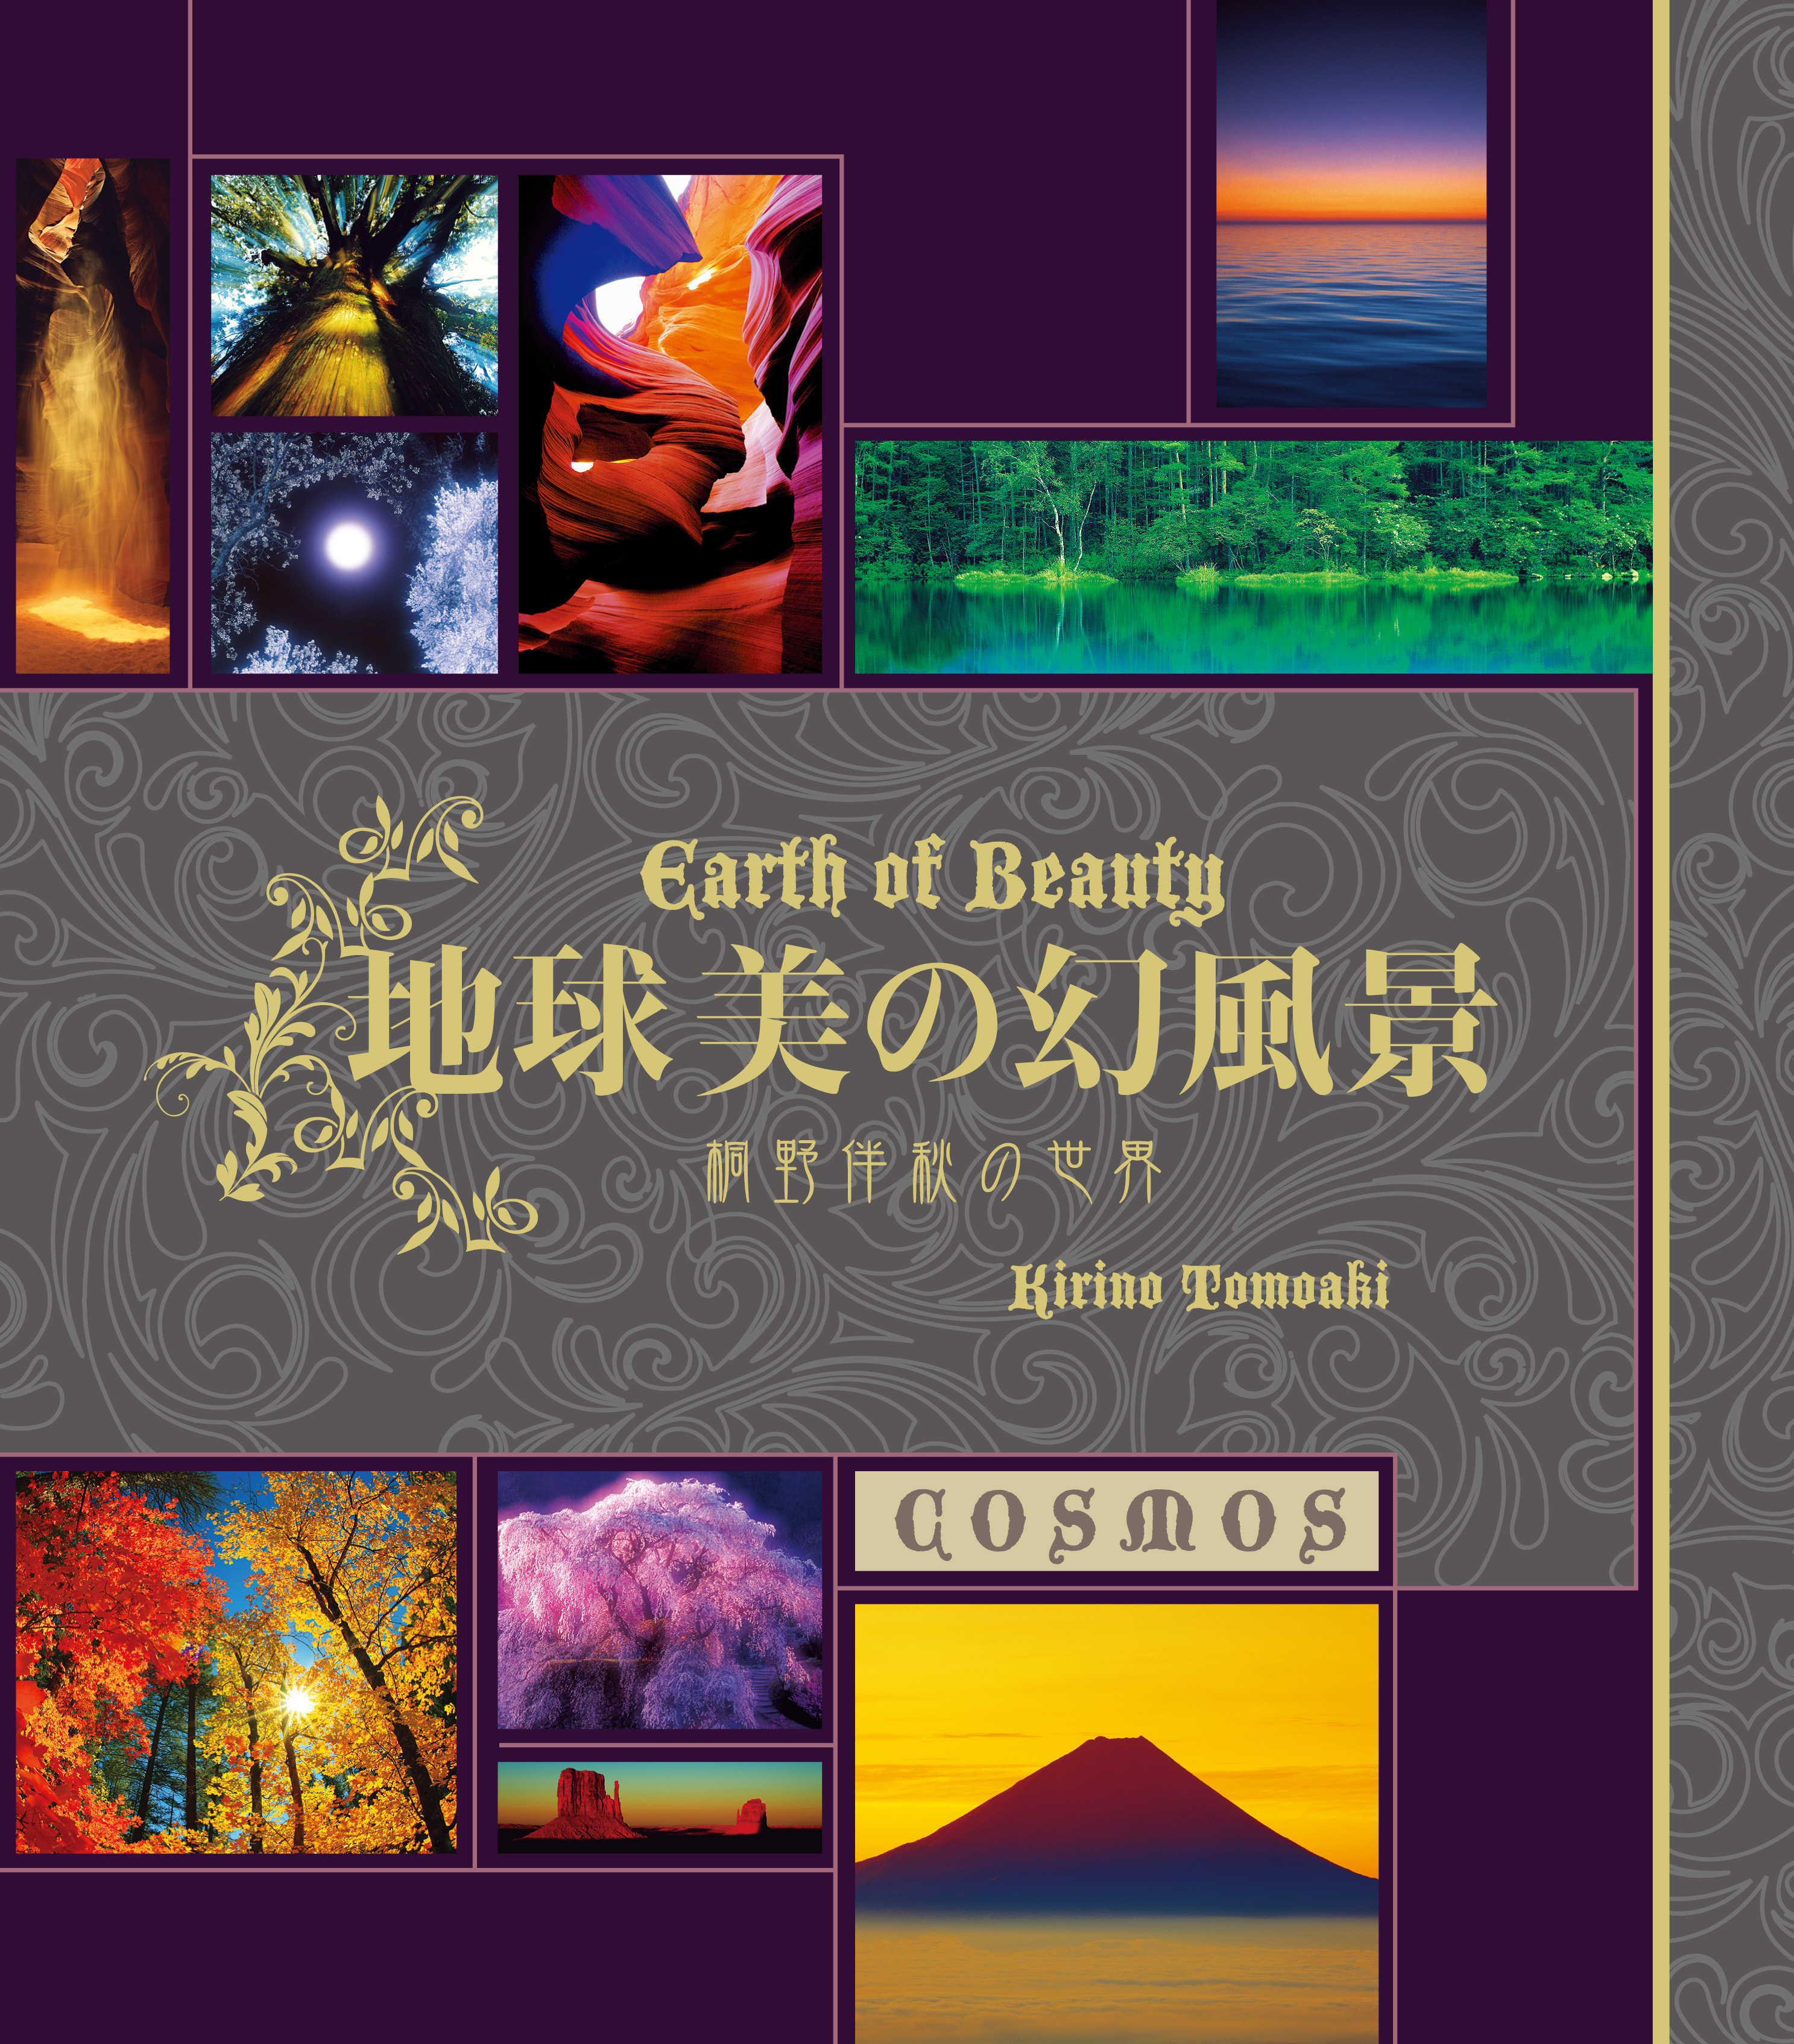 豪華版フォトエッセイ写真集「地球 美の幻風景」